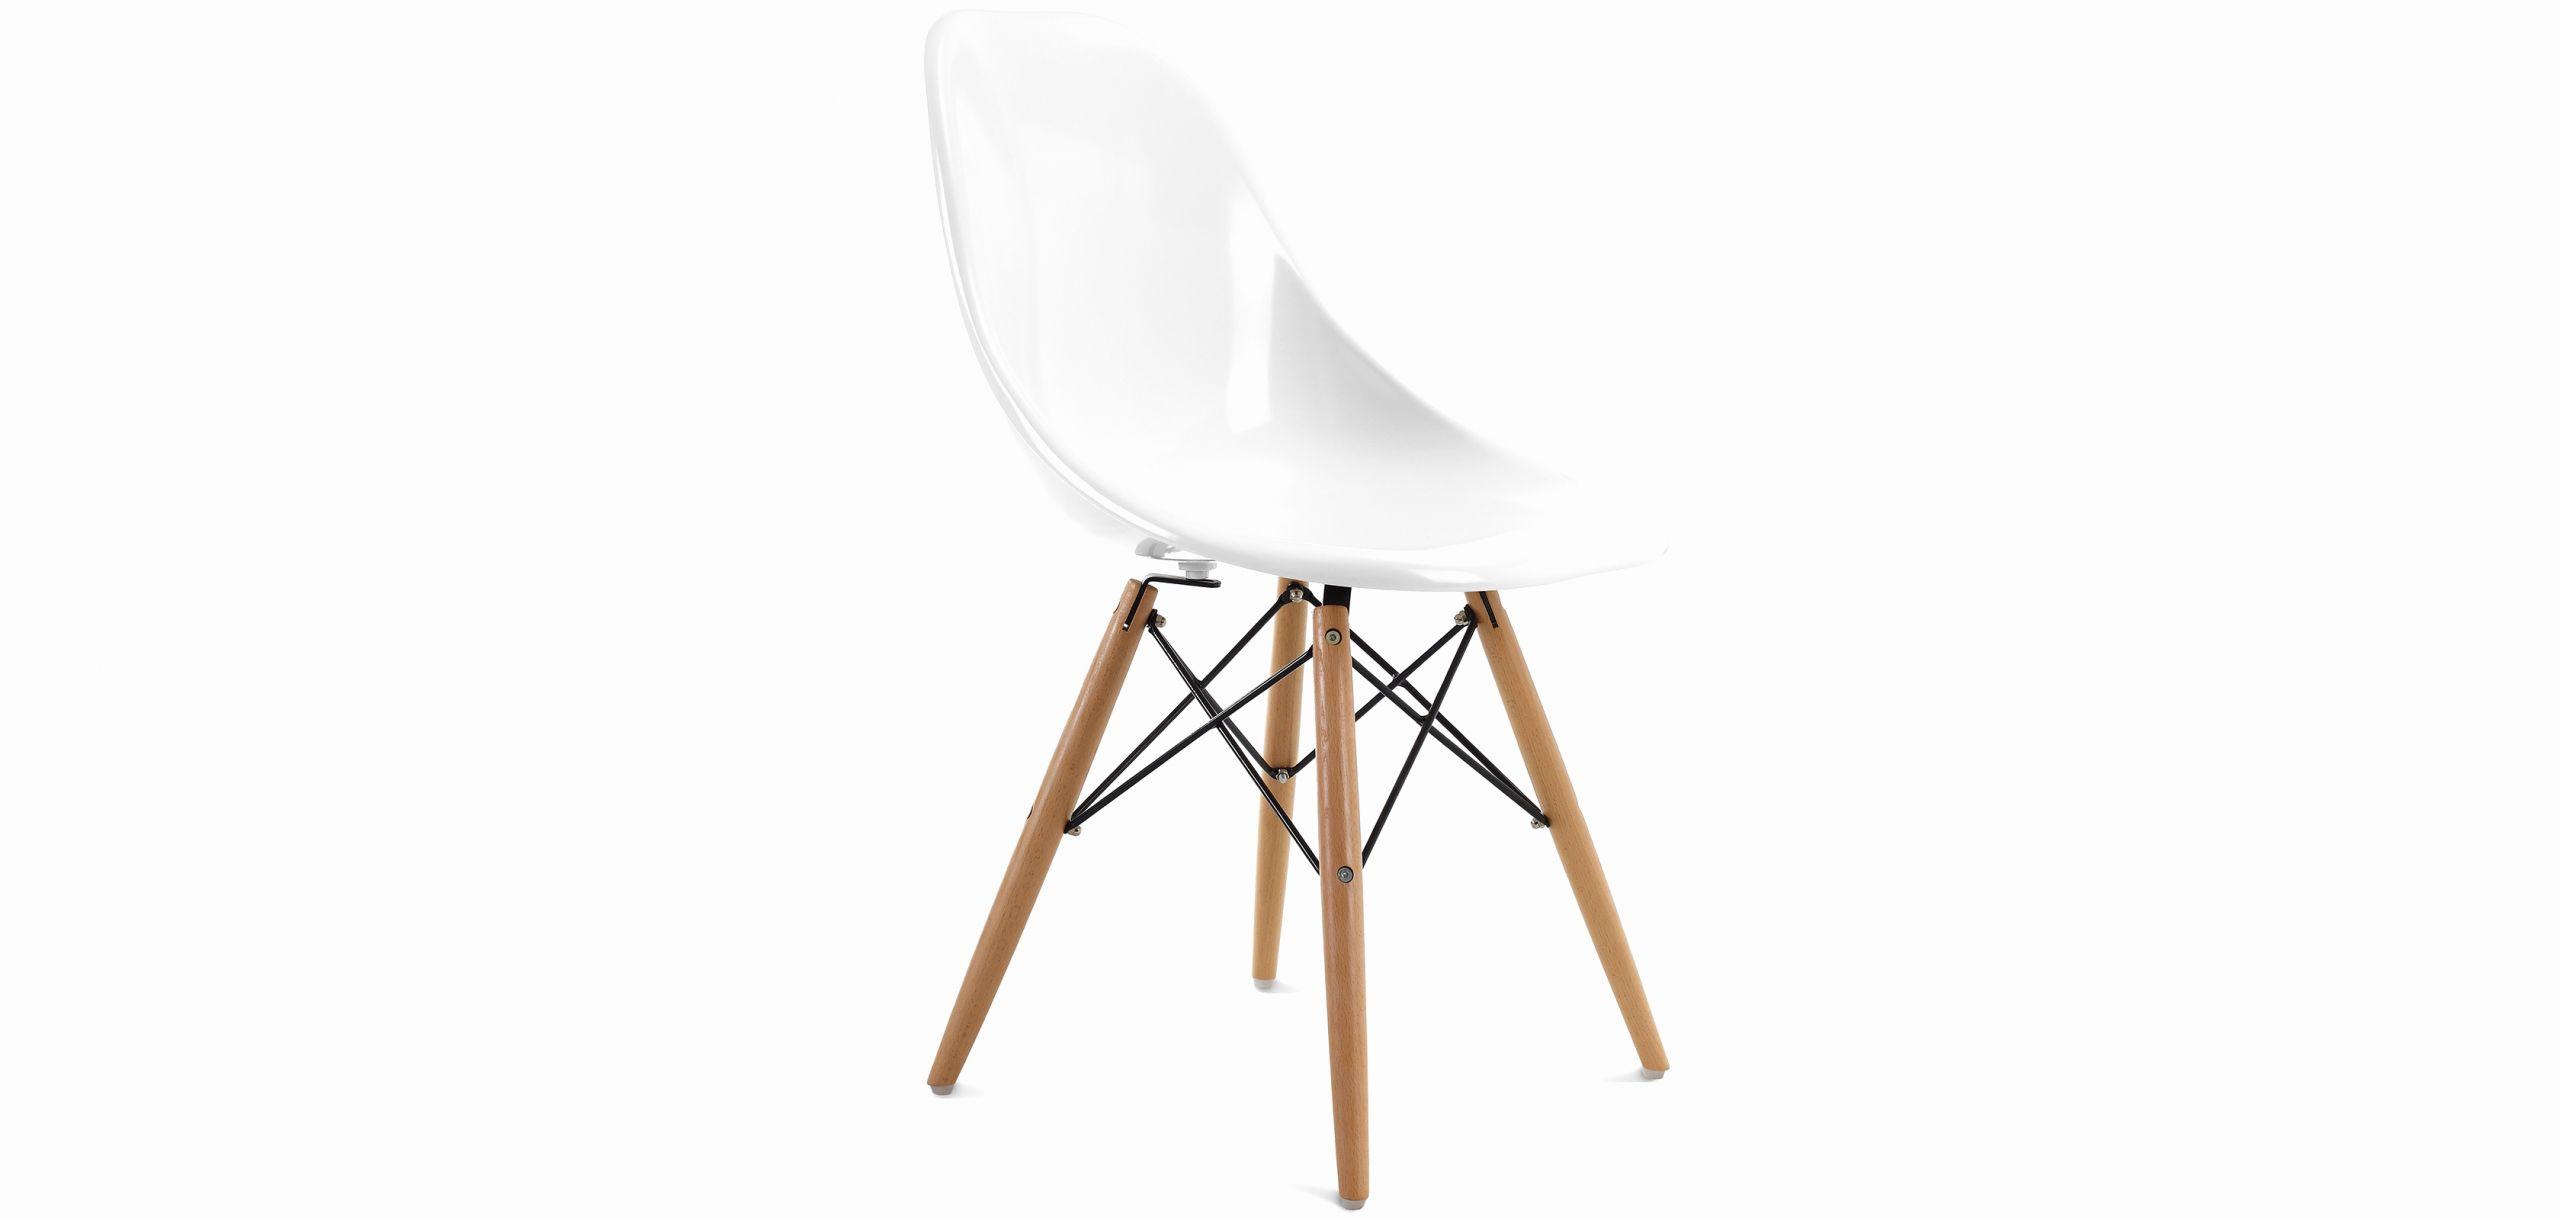 fauteuil osier conforama inspirant chaises de cuisine interessant fauteuil osier conforama nouveau chaise jardin 56 de salon 6b2 of